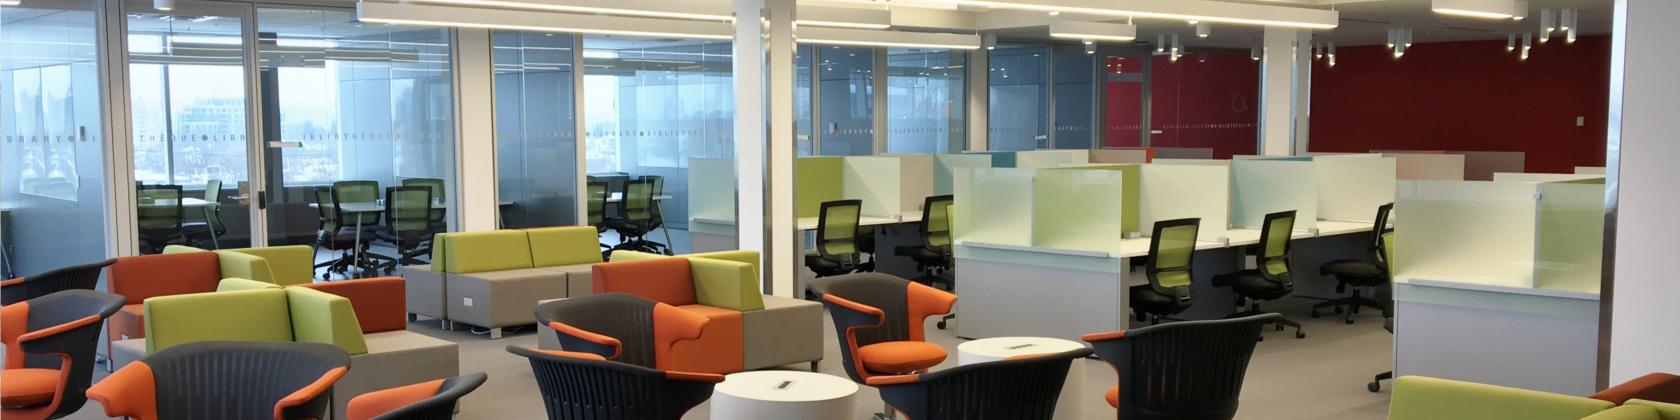 Un salon d'étude au cinquième étage du Carrefour des apprentissages